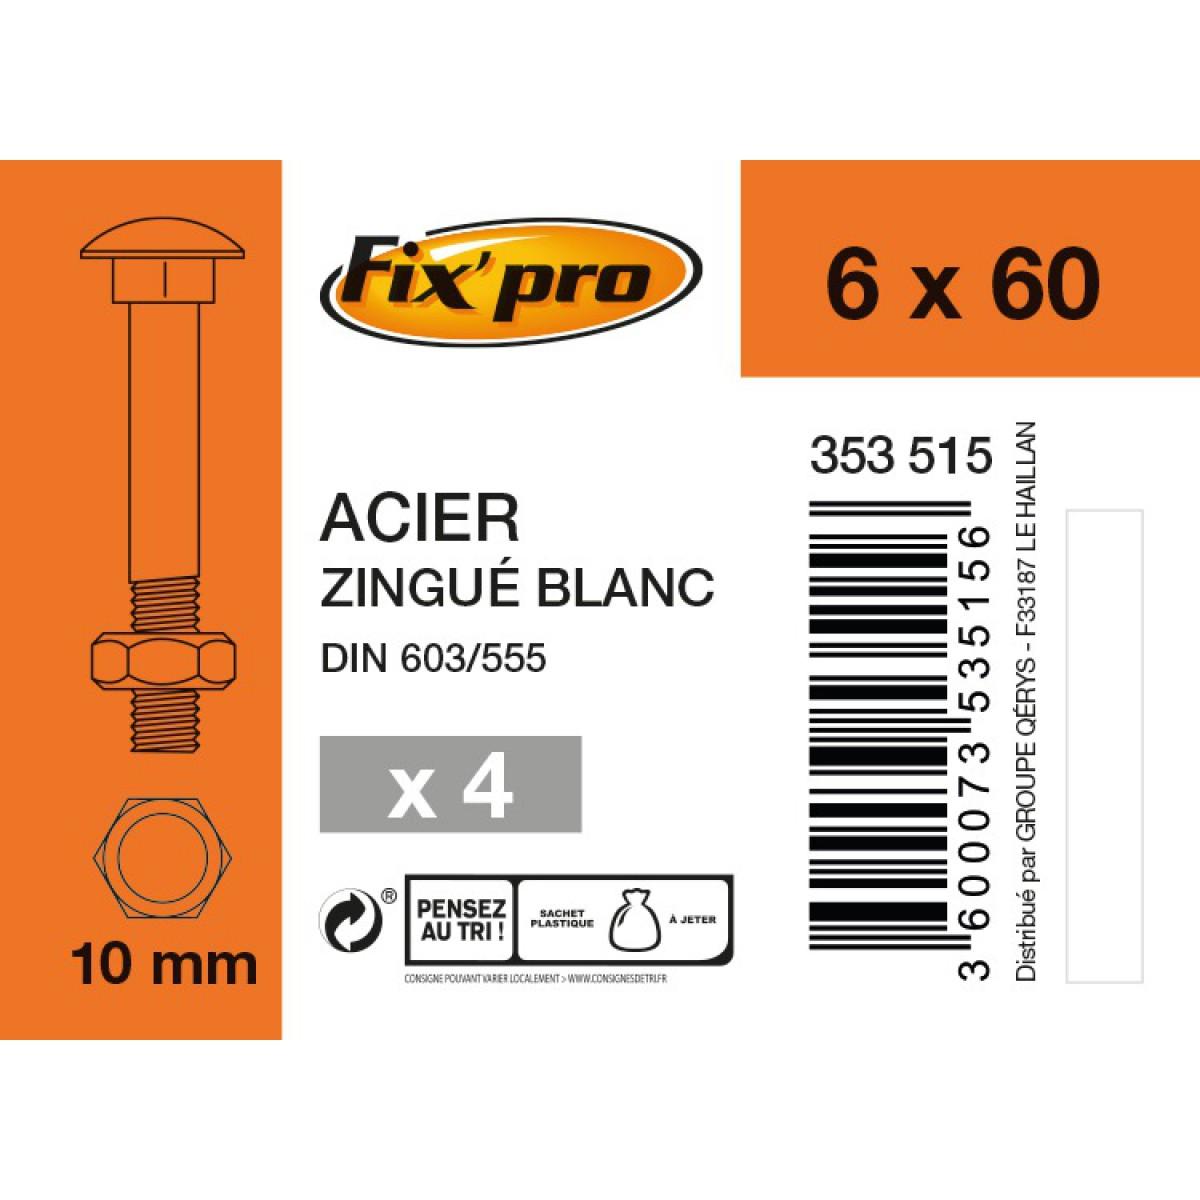 Boulon Japy tête ronde collet carré acier zingué - 6x60/18 - 4pces - Fixpro